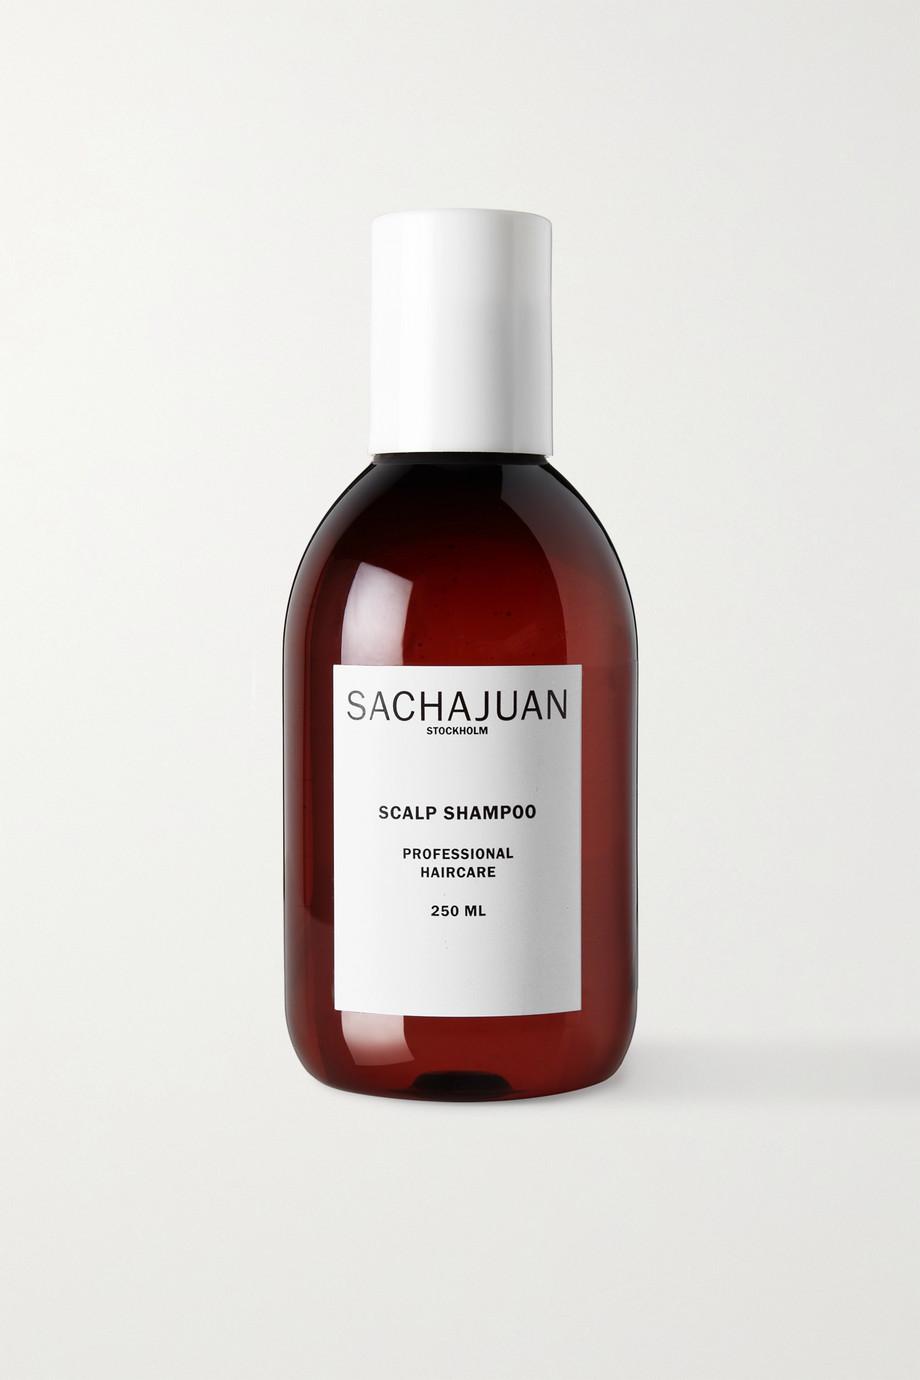 SACHAJUAN Scalp Shampoo, 250ml – Shampoo